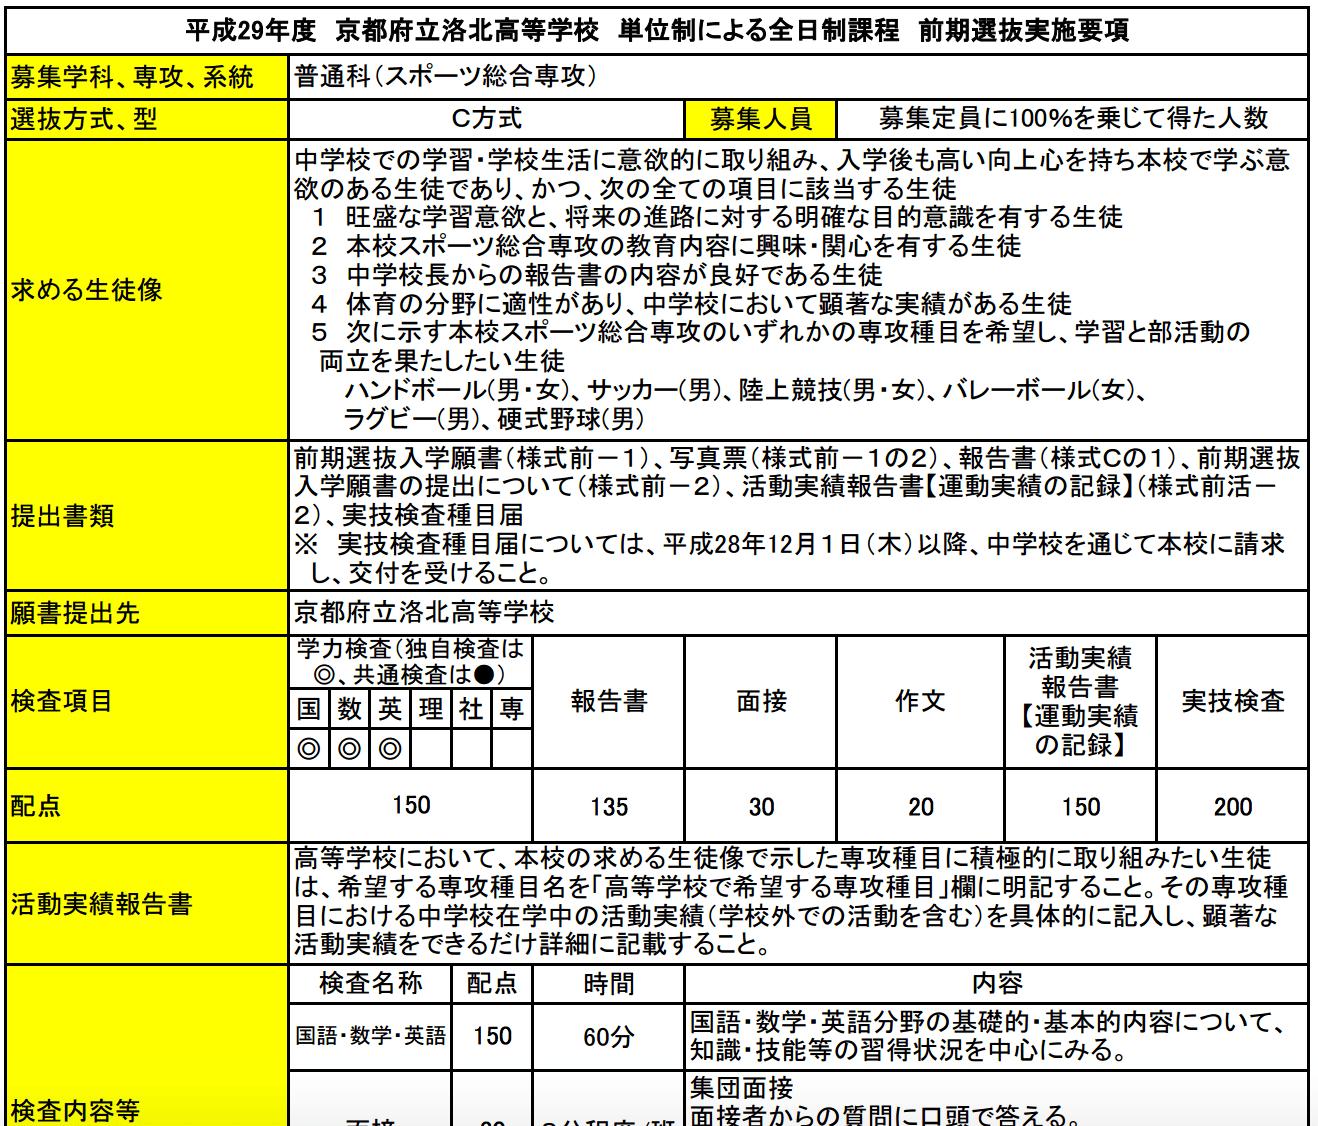 【普通科】京都府公立高校の前期選抜の制度を詳しく。A方式1型、A方式2型、B方式、C方式、活動実績報告書…など、ややこしい制度を分かりやすく解説します。